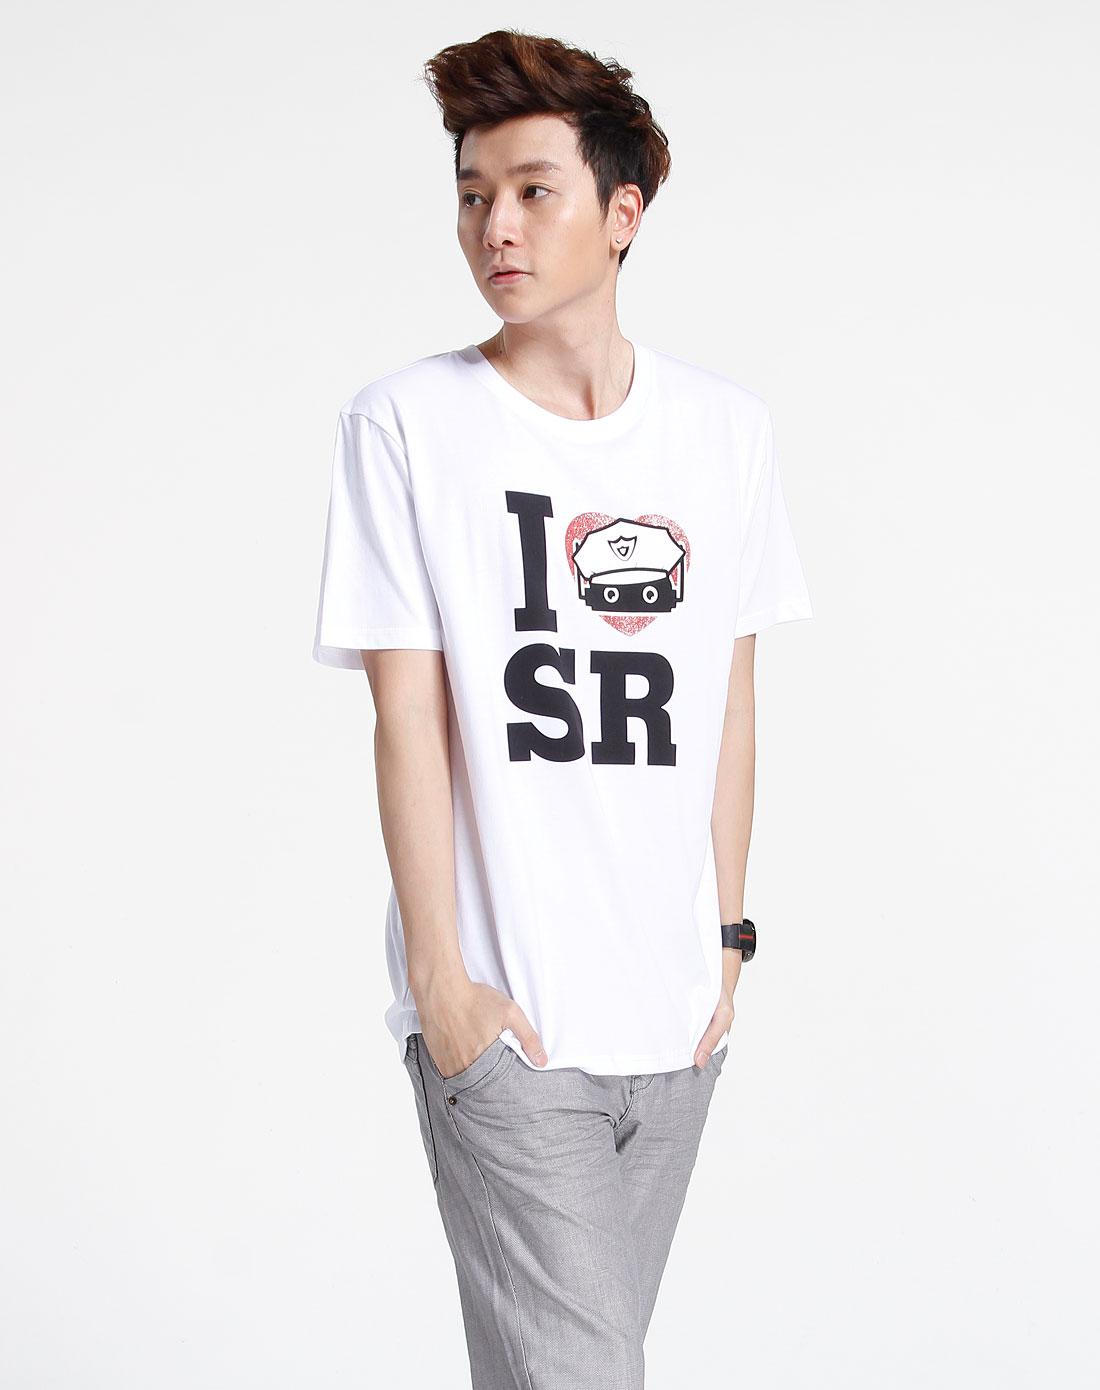 森马-男装白色印图短袖休闲t恤002151058-100图片